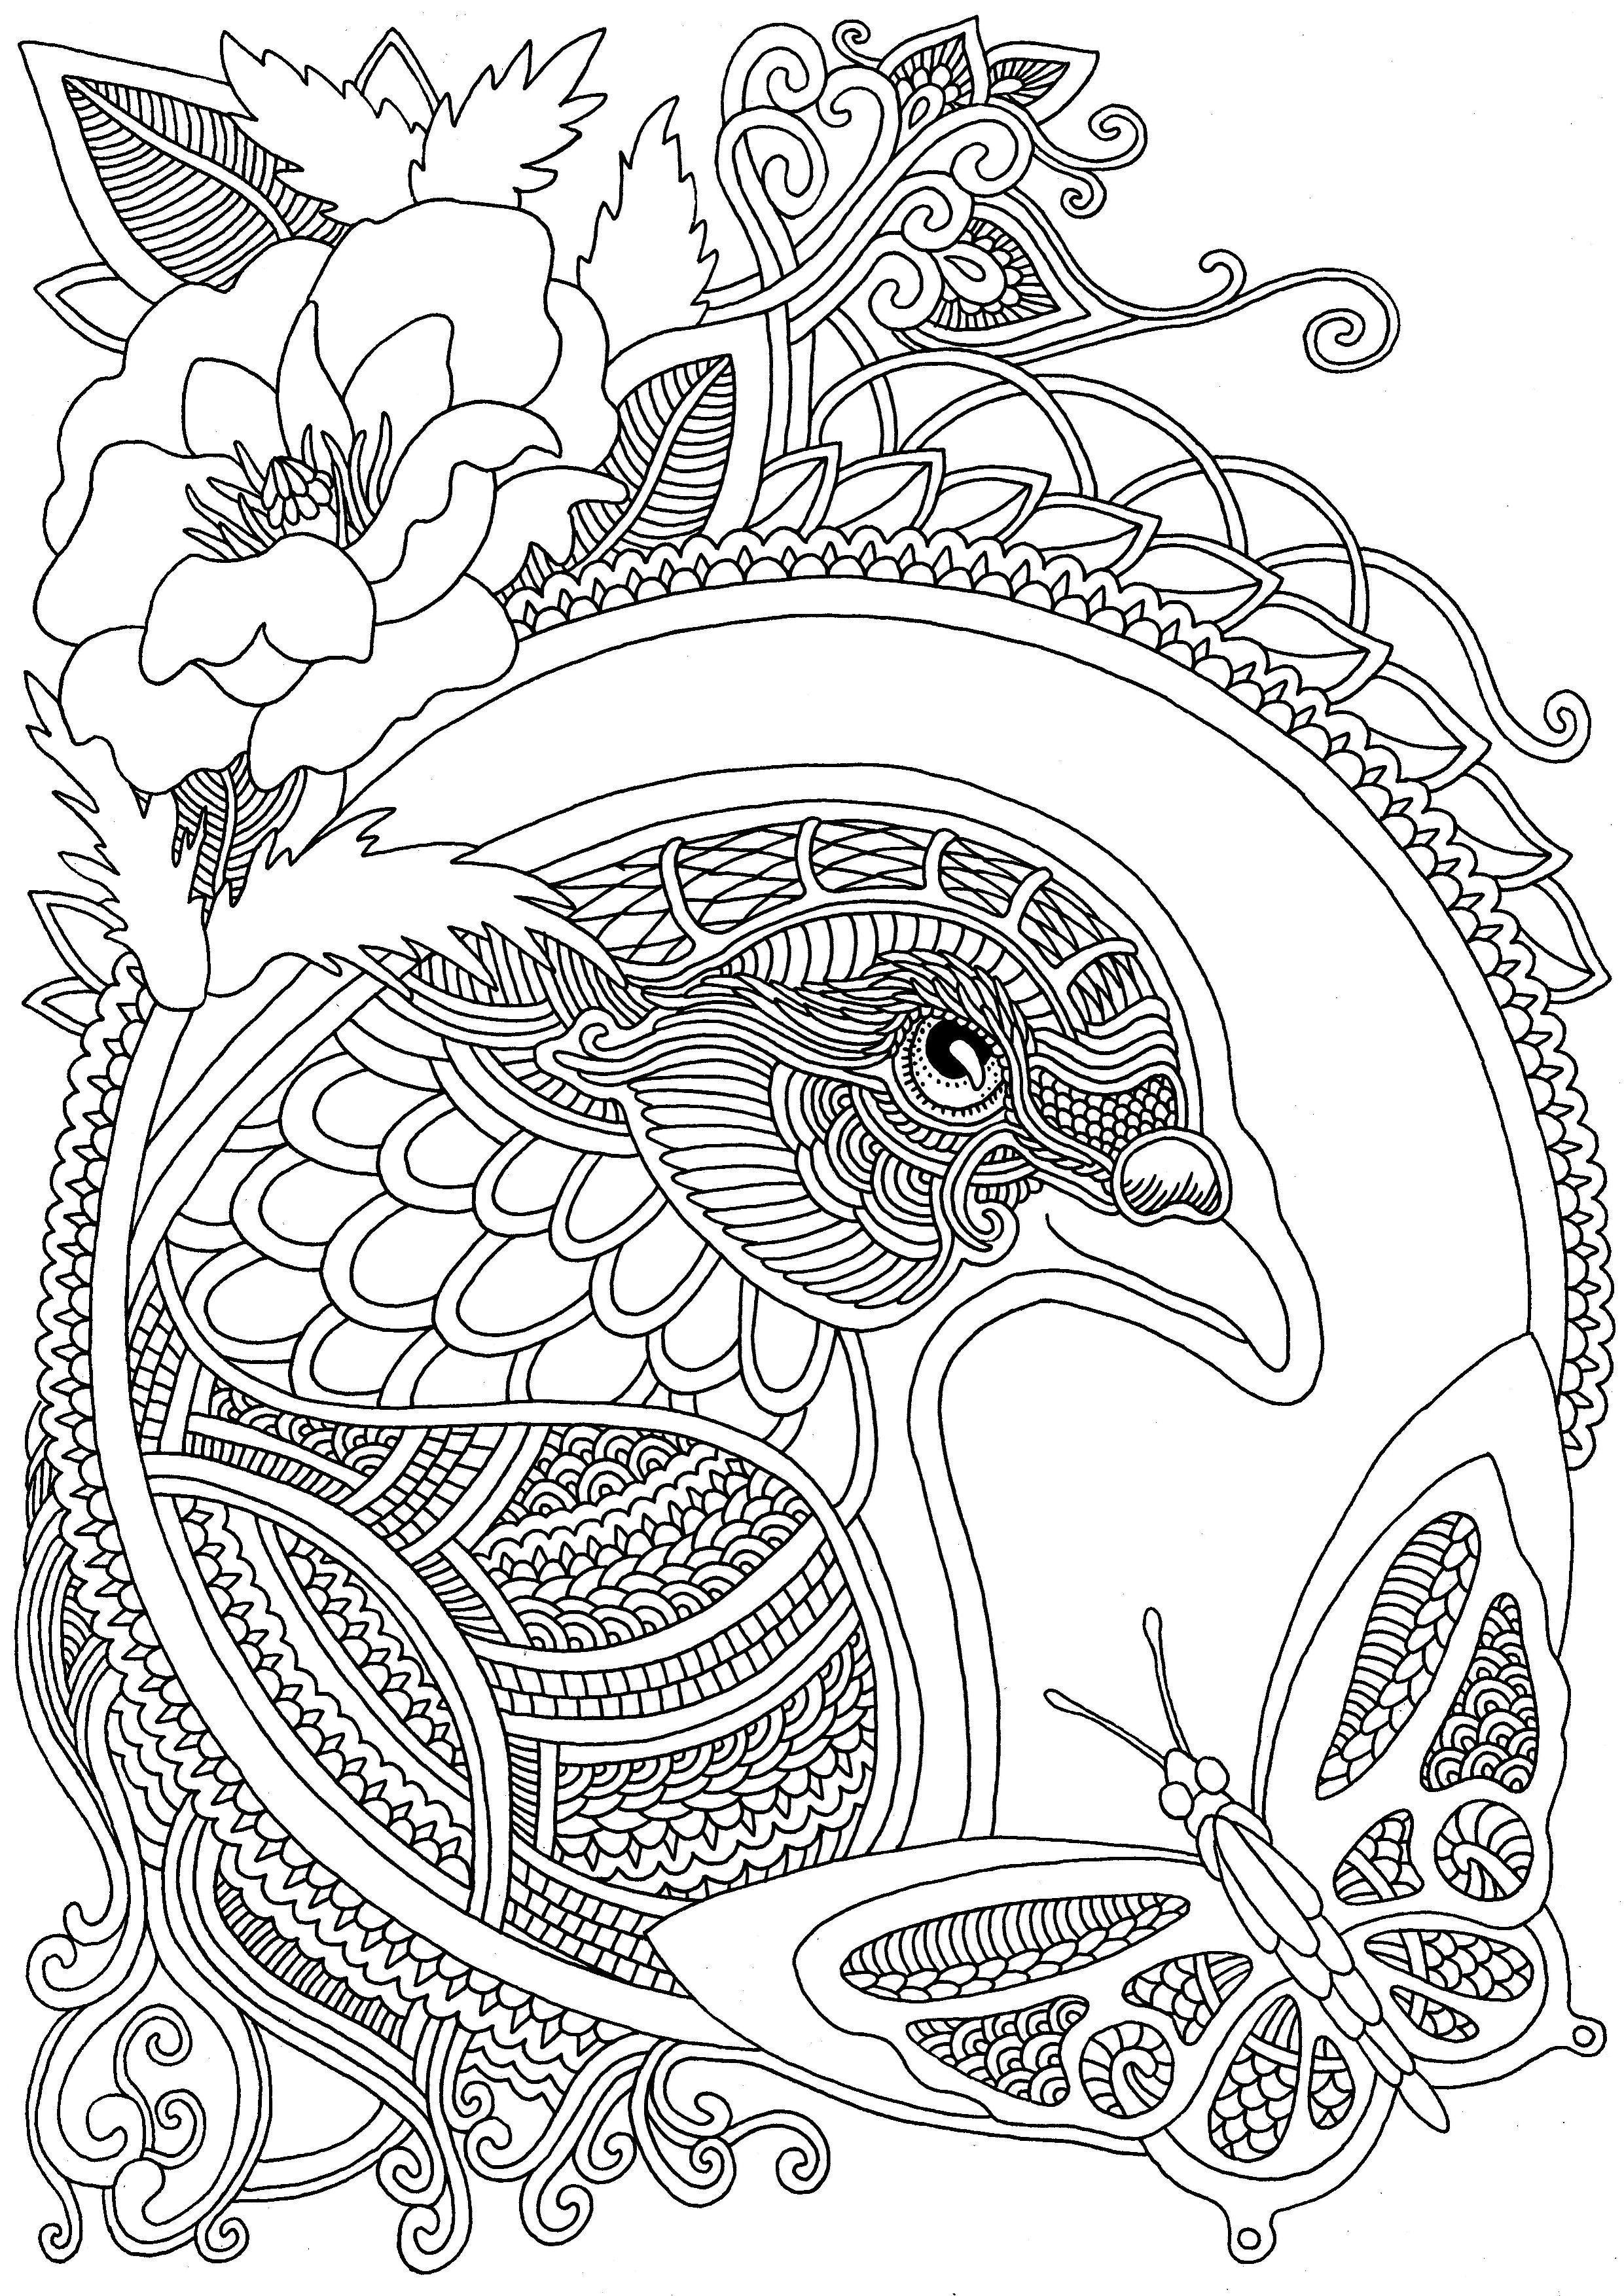 ветер уносит цветы - Buscar con Google | Bird coloring ...